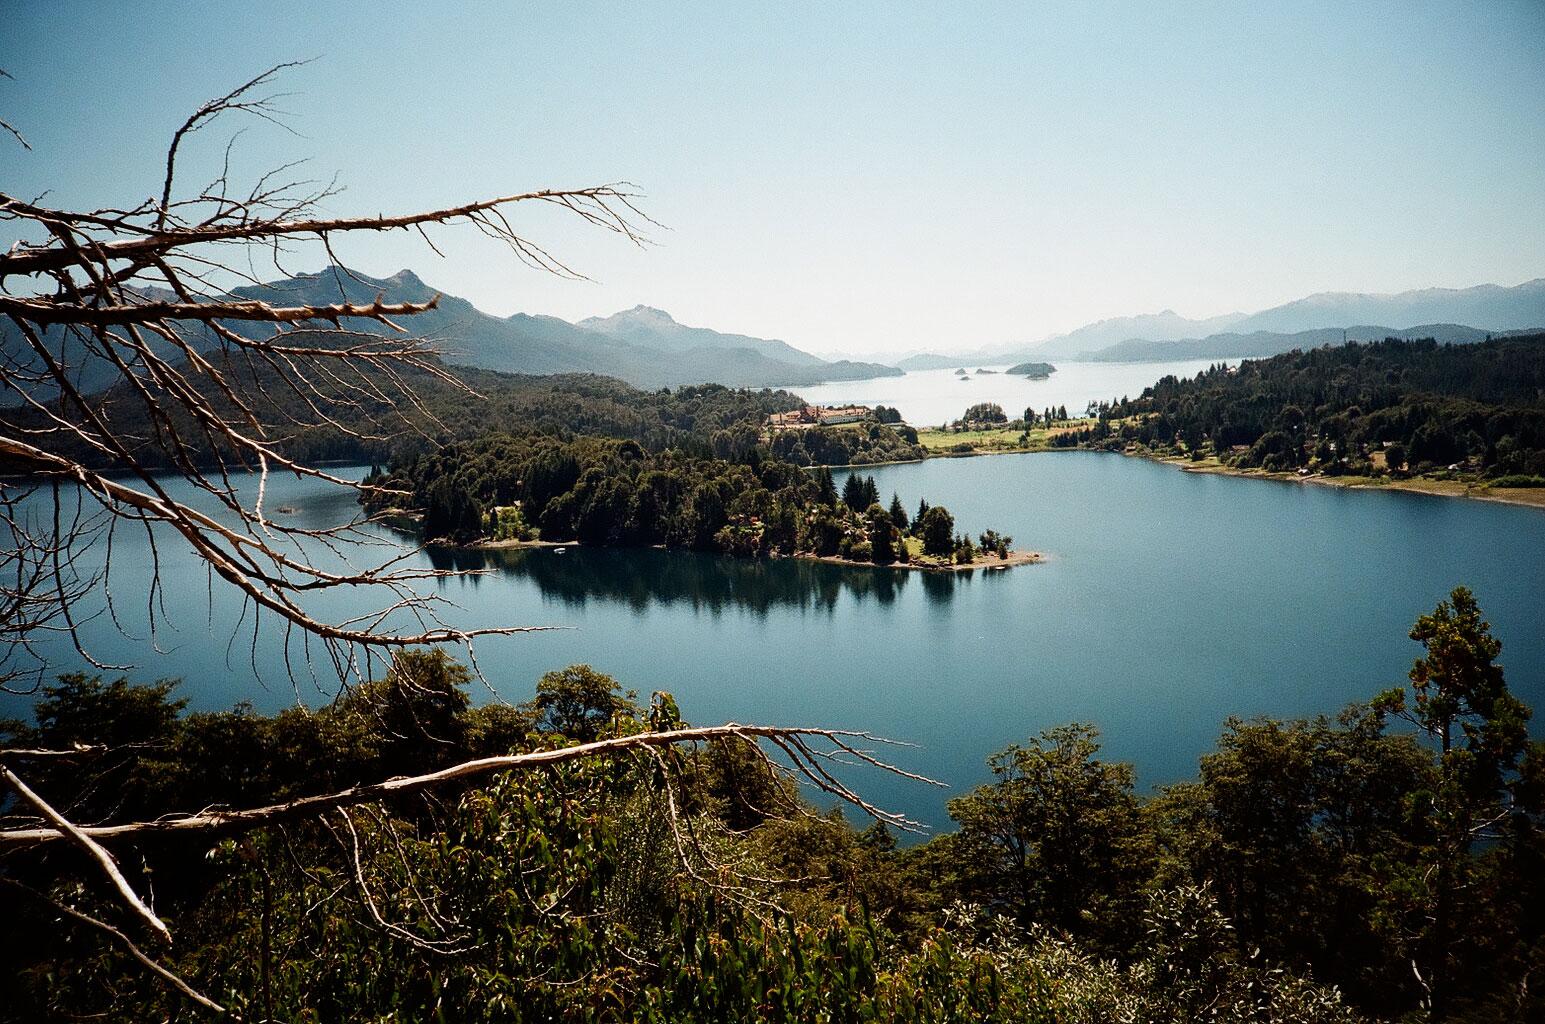 In der Nähe der Colonia Suiza eröffnet sich der Ausblick über den Lago Perito Moreno auf das Luxushotel Llao Llao im Nationalpark Nahuel Huapi. Foto: Lothar Ruttner